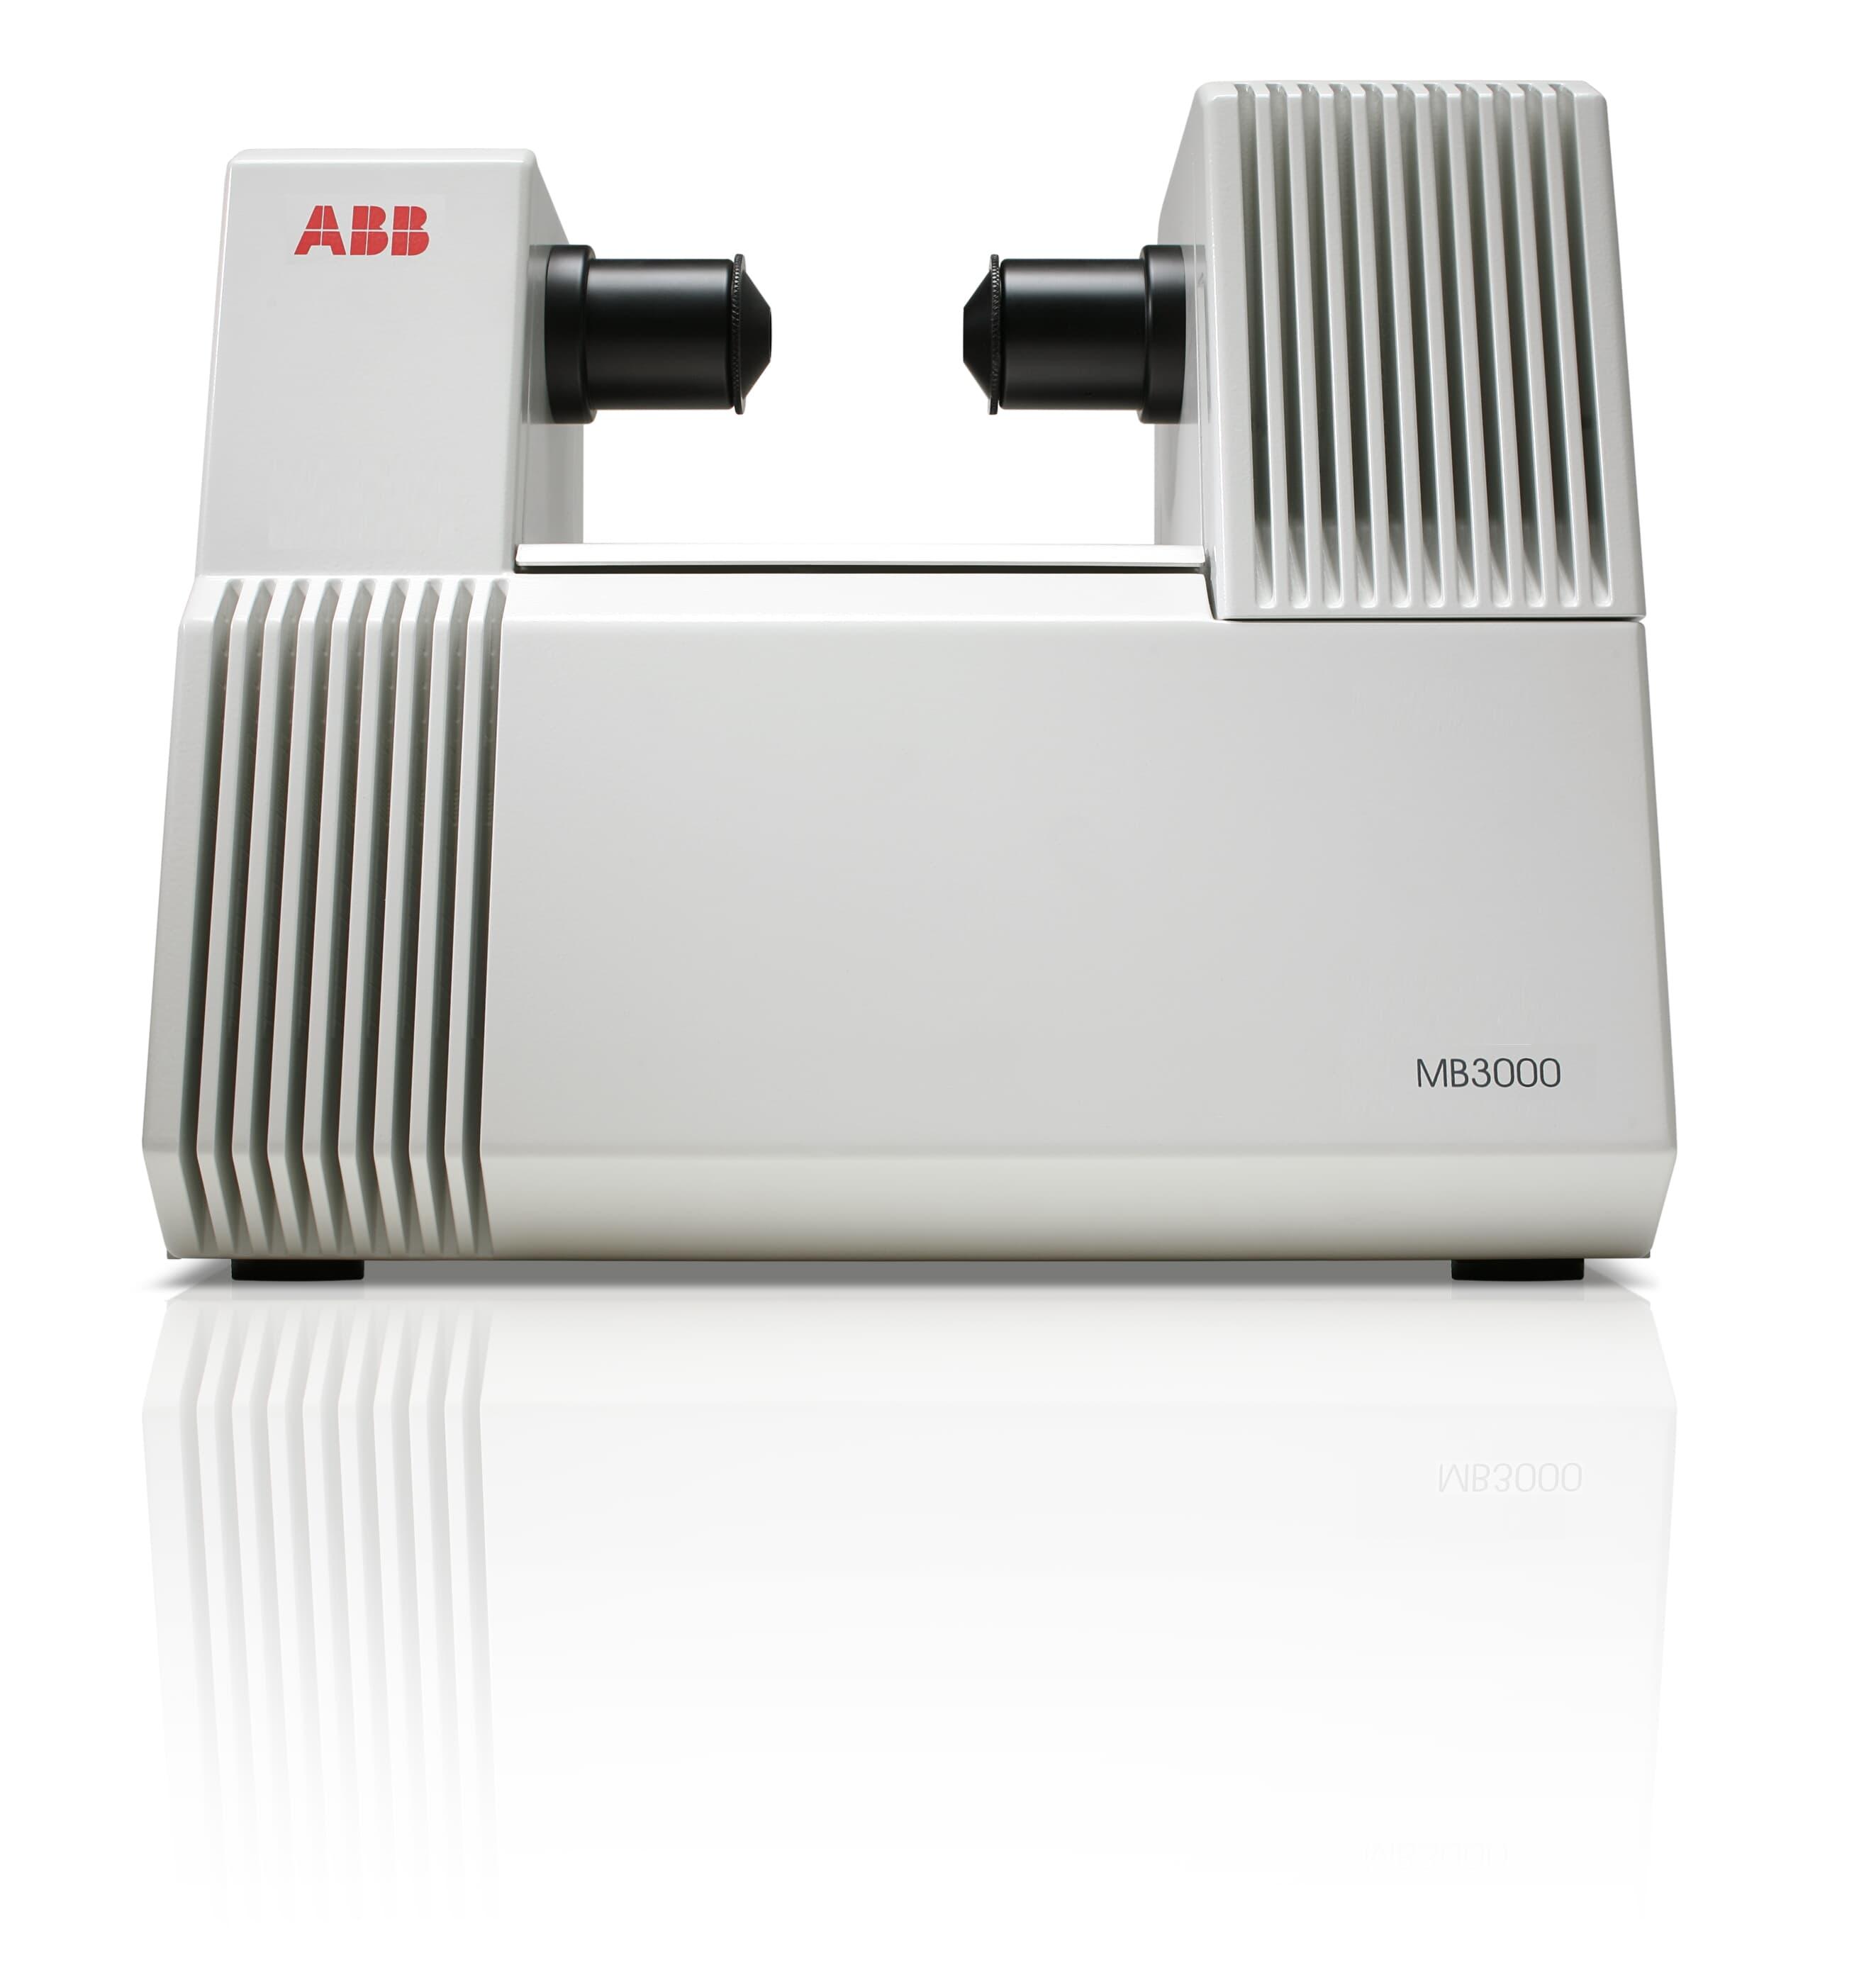 Laboratory Spectrometers